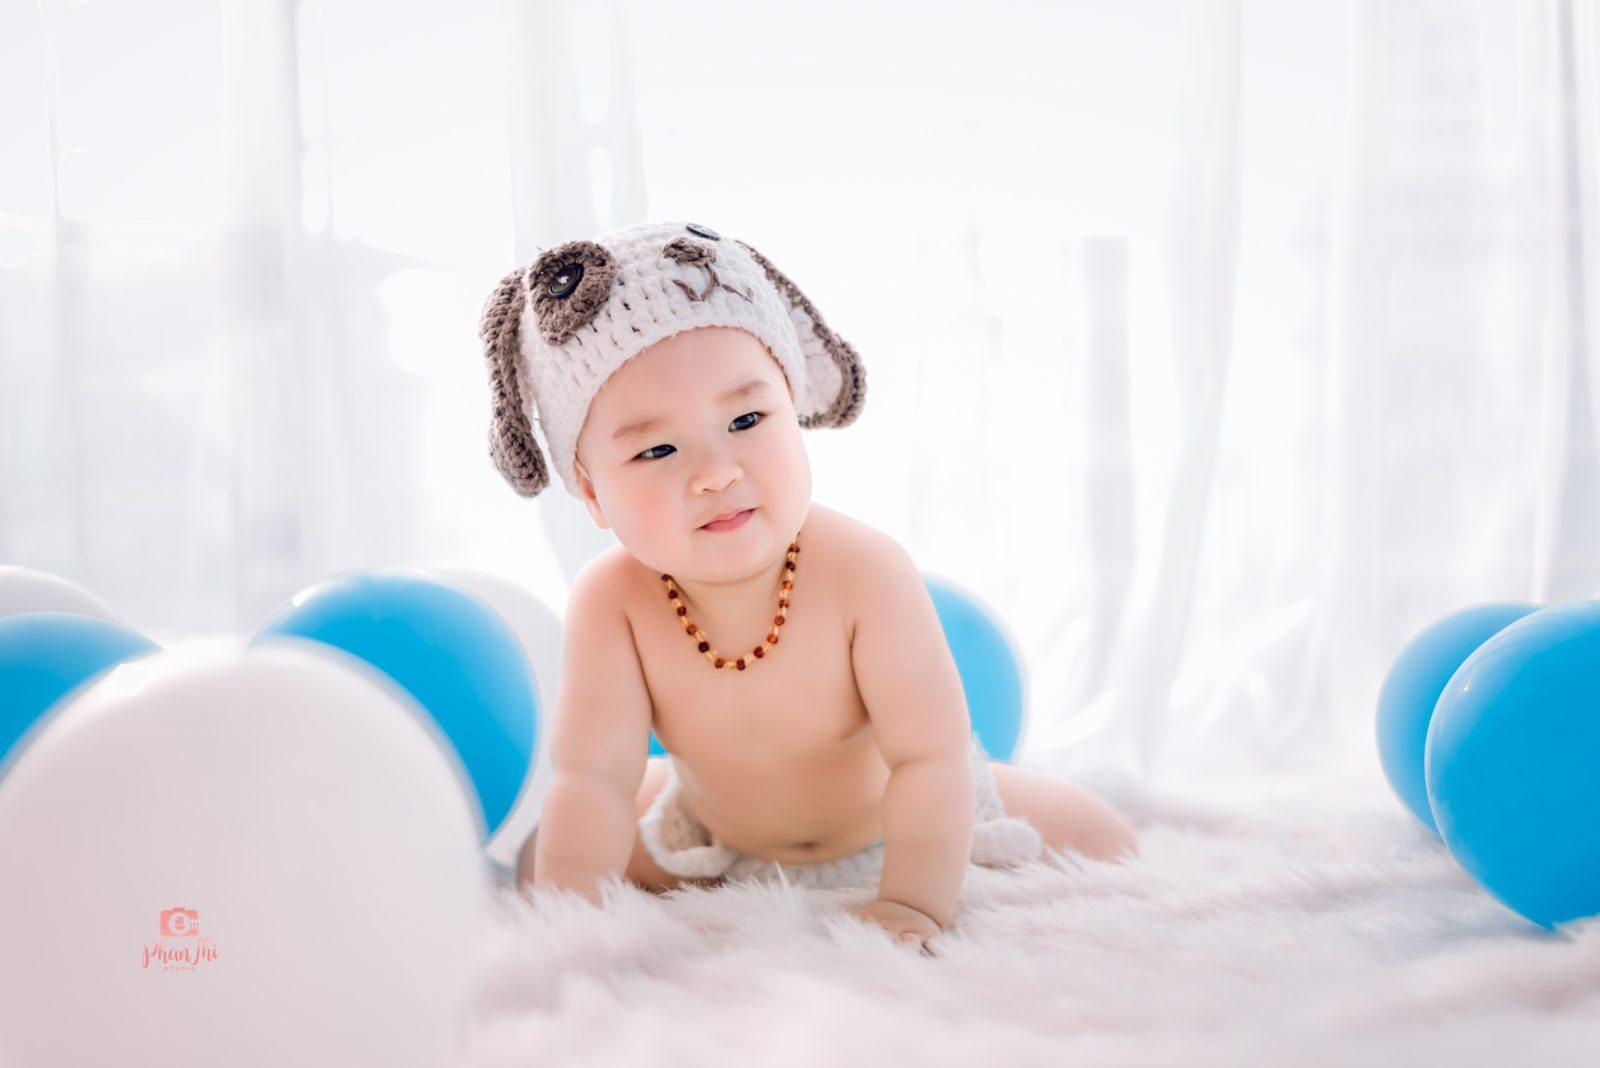 Album chụp ảnh cho bé Bí-Đầu bếp nhí 2